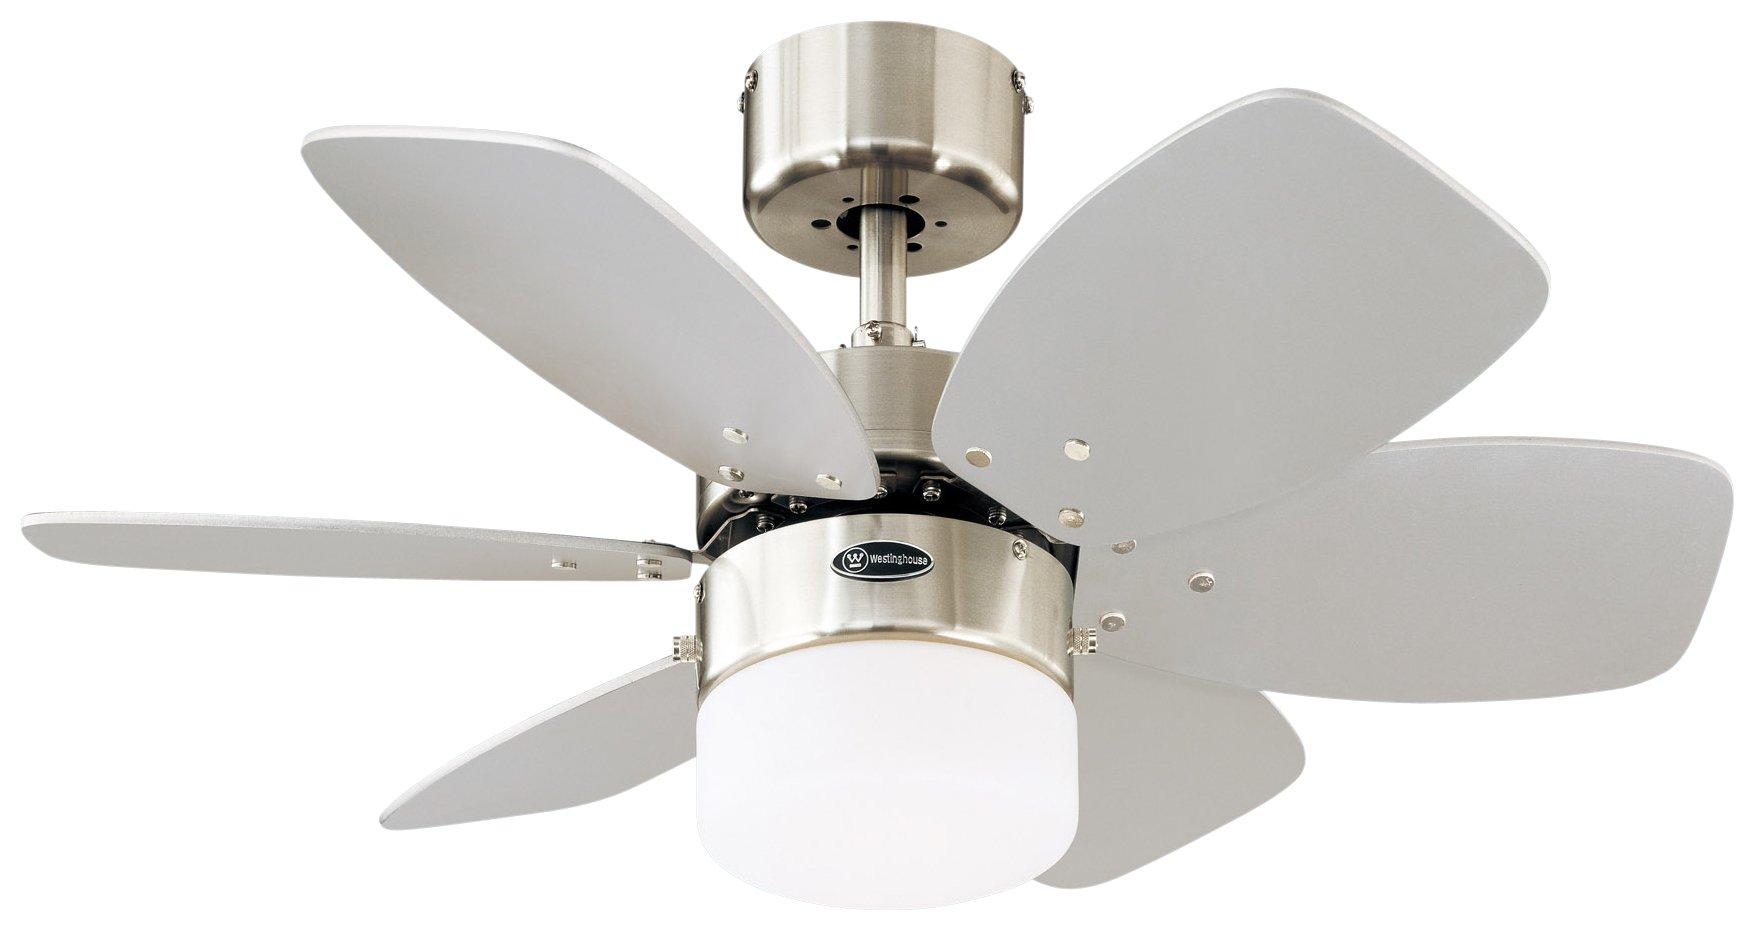 Westinghouse Flora Royale 7878840 Ventilateur de plafond (Import Allemagne) product image